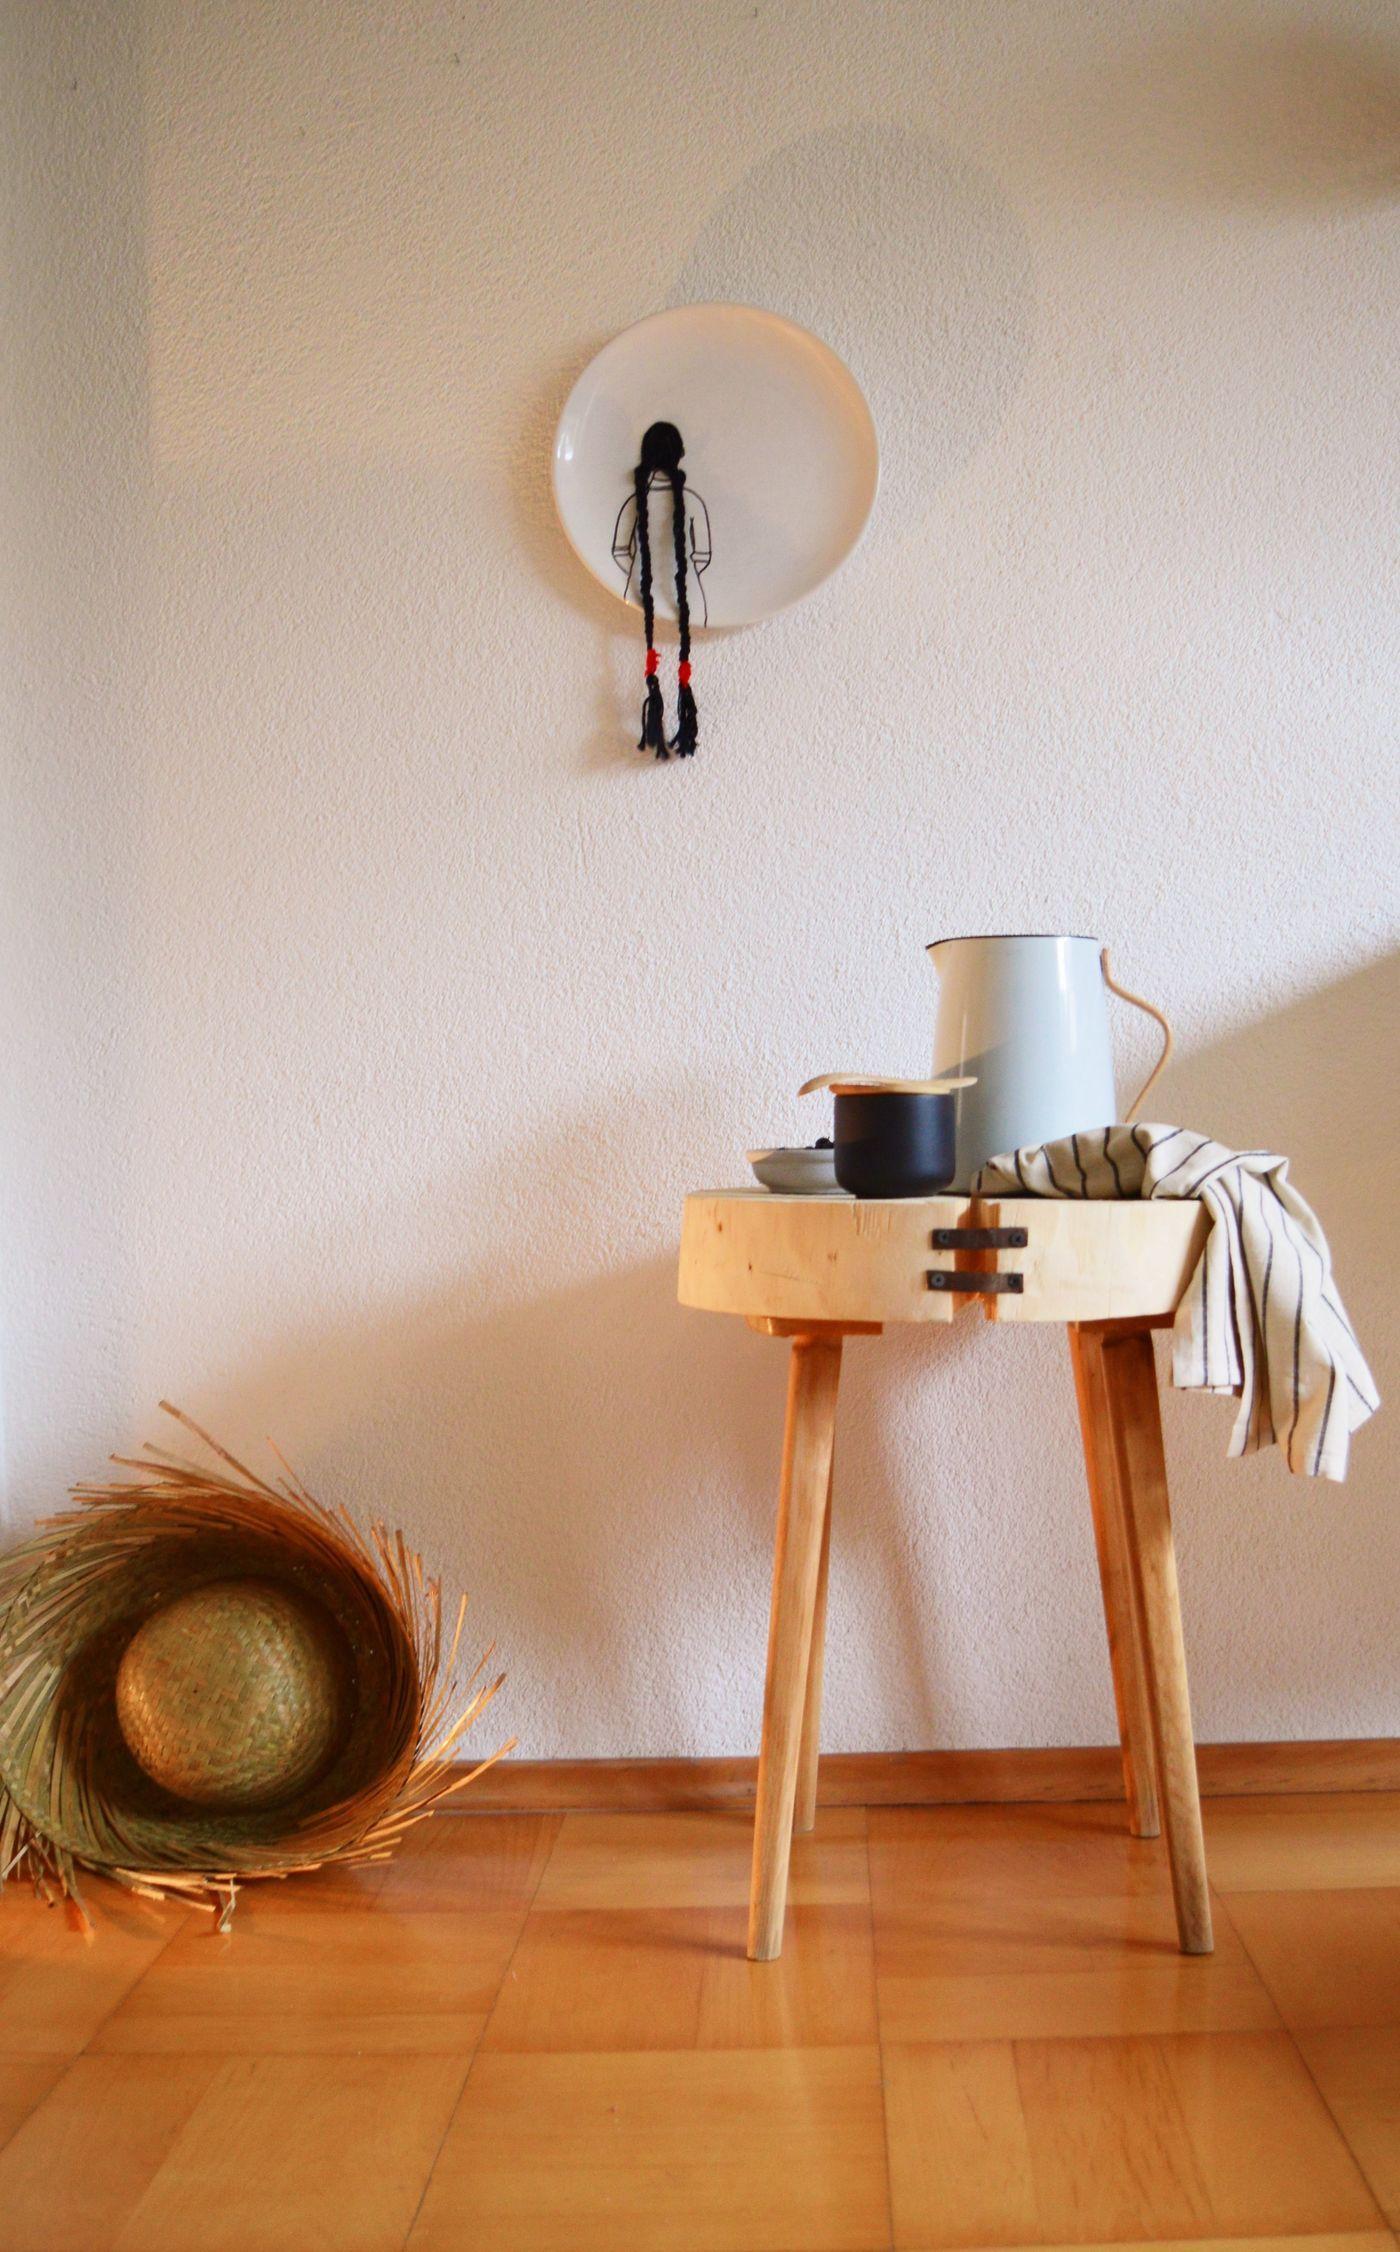 Tische selber bauen die besten tipps und ideen for Beistelltisch selber bauen